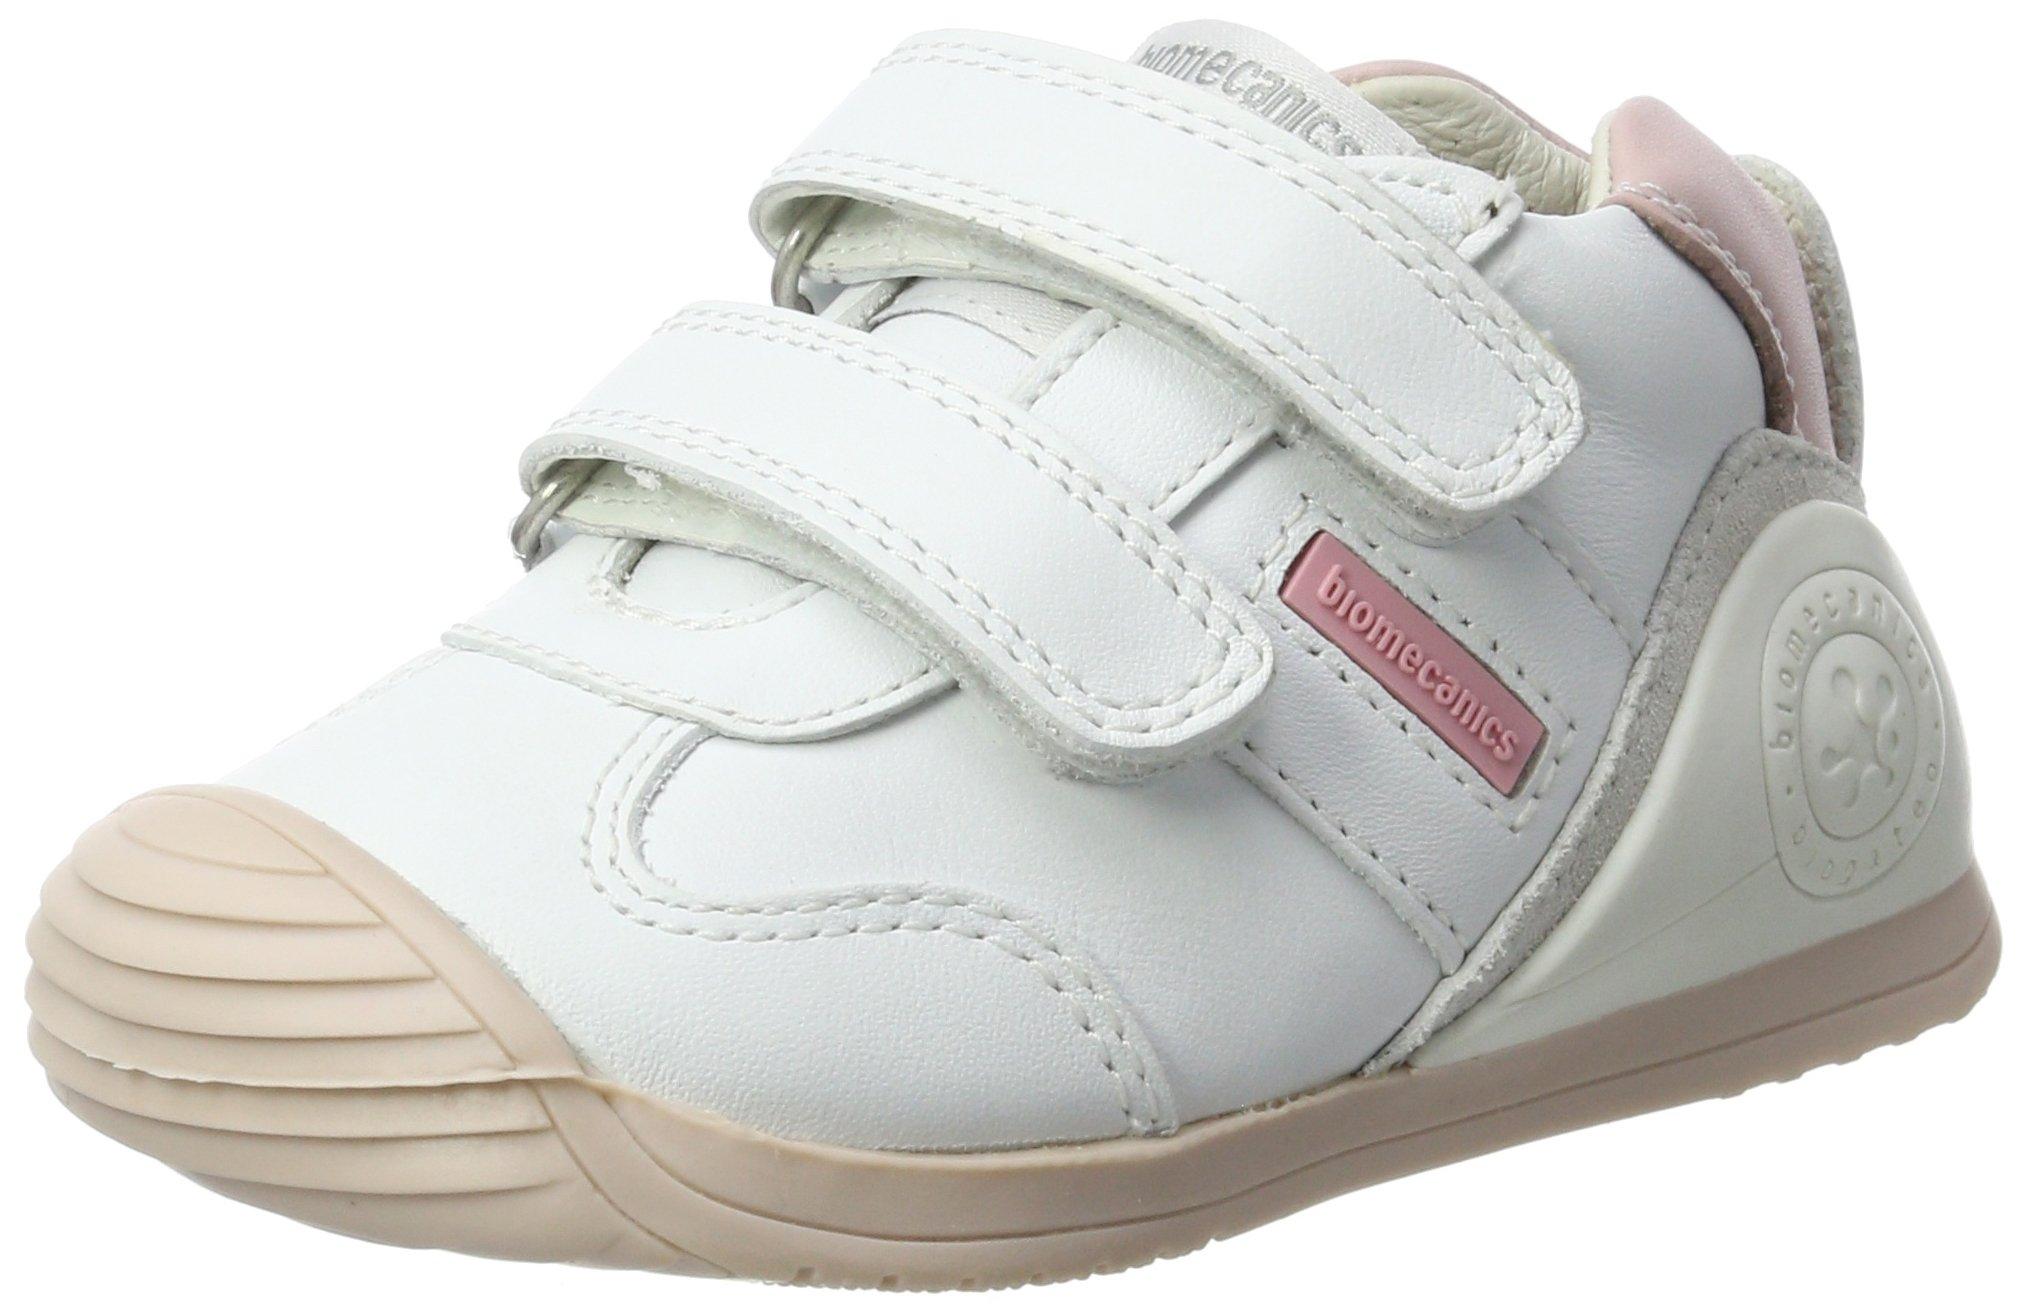 Zapatosamp; Valorados Nuestros Mejor Útiles Clientes En De Opiniones Nwk80XnPZO